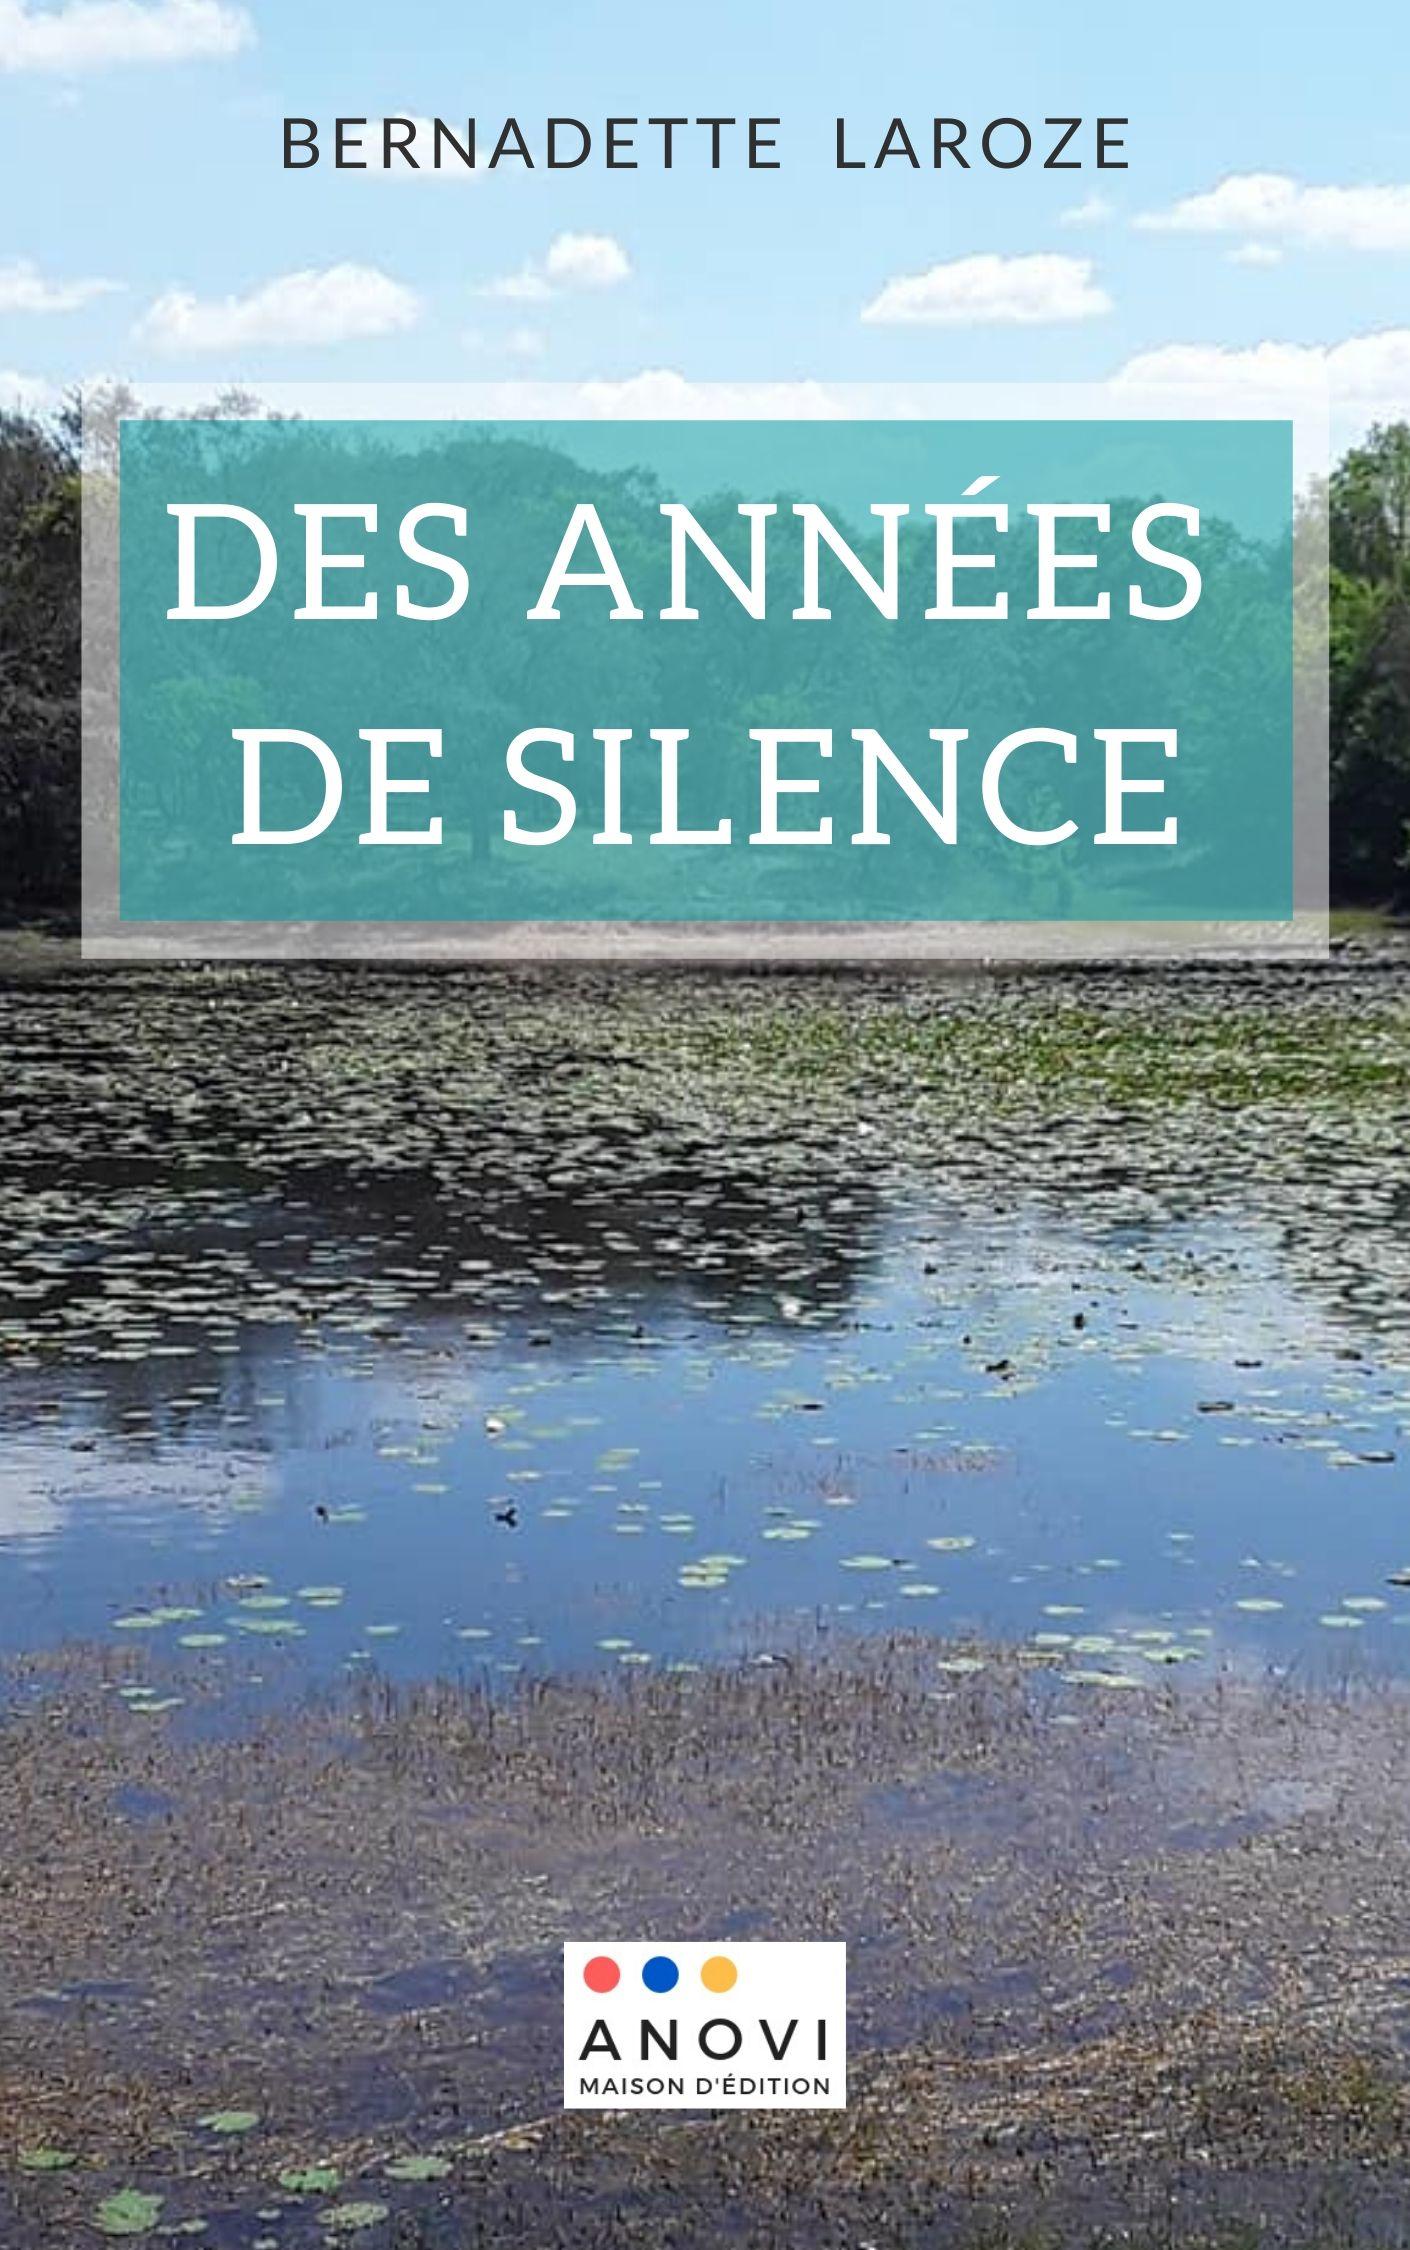 Des années de silence - Bernadette Laroze